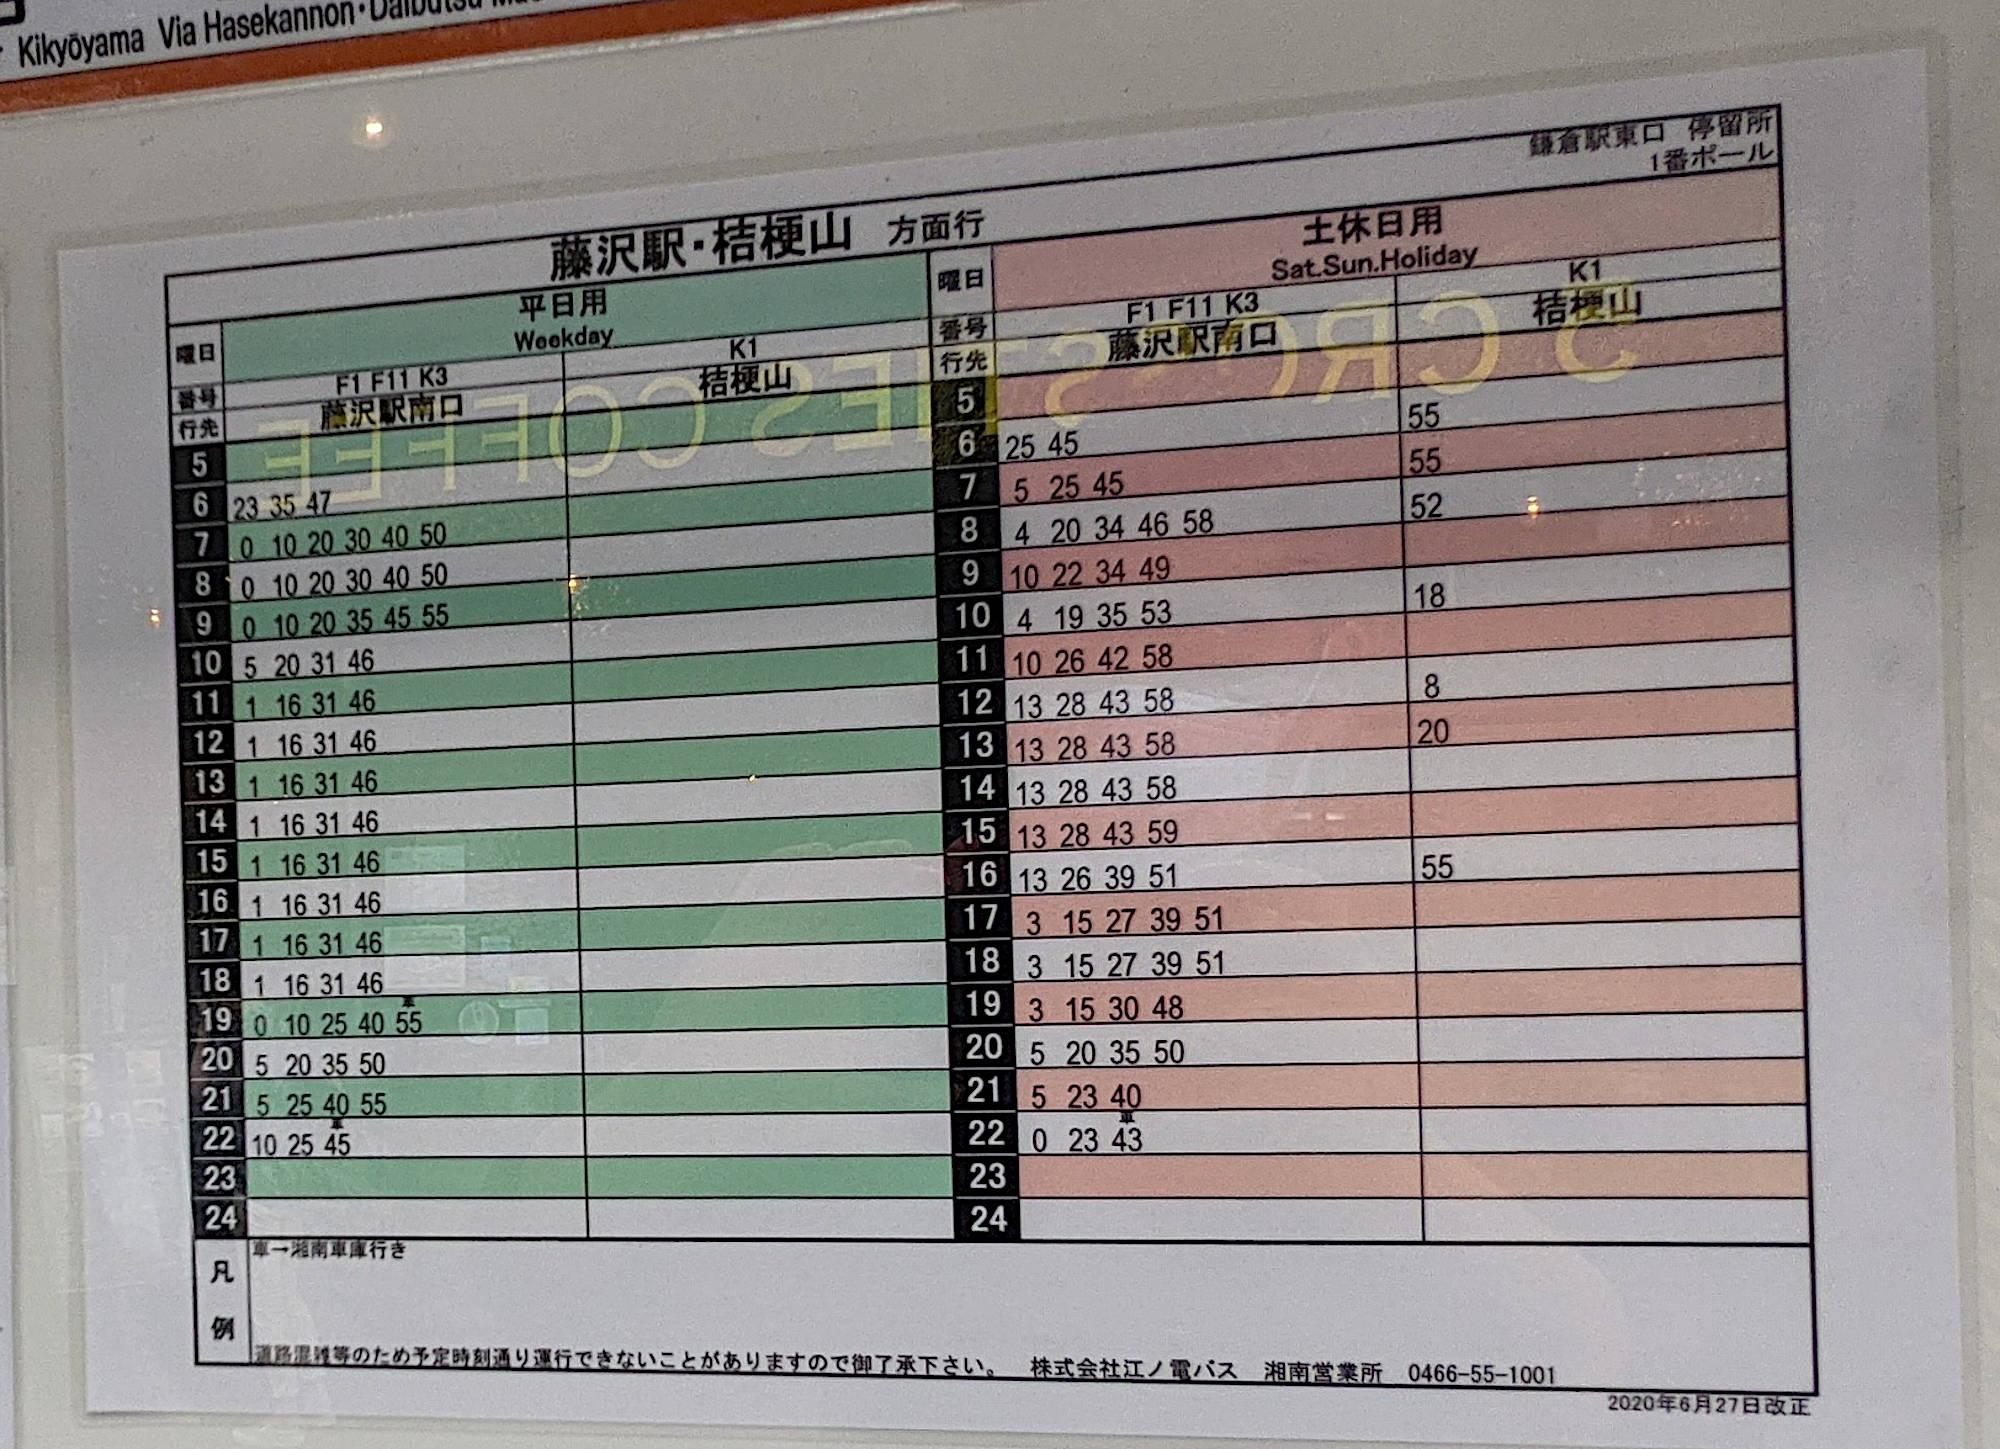 鎌倉駅 バス時刻表